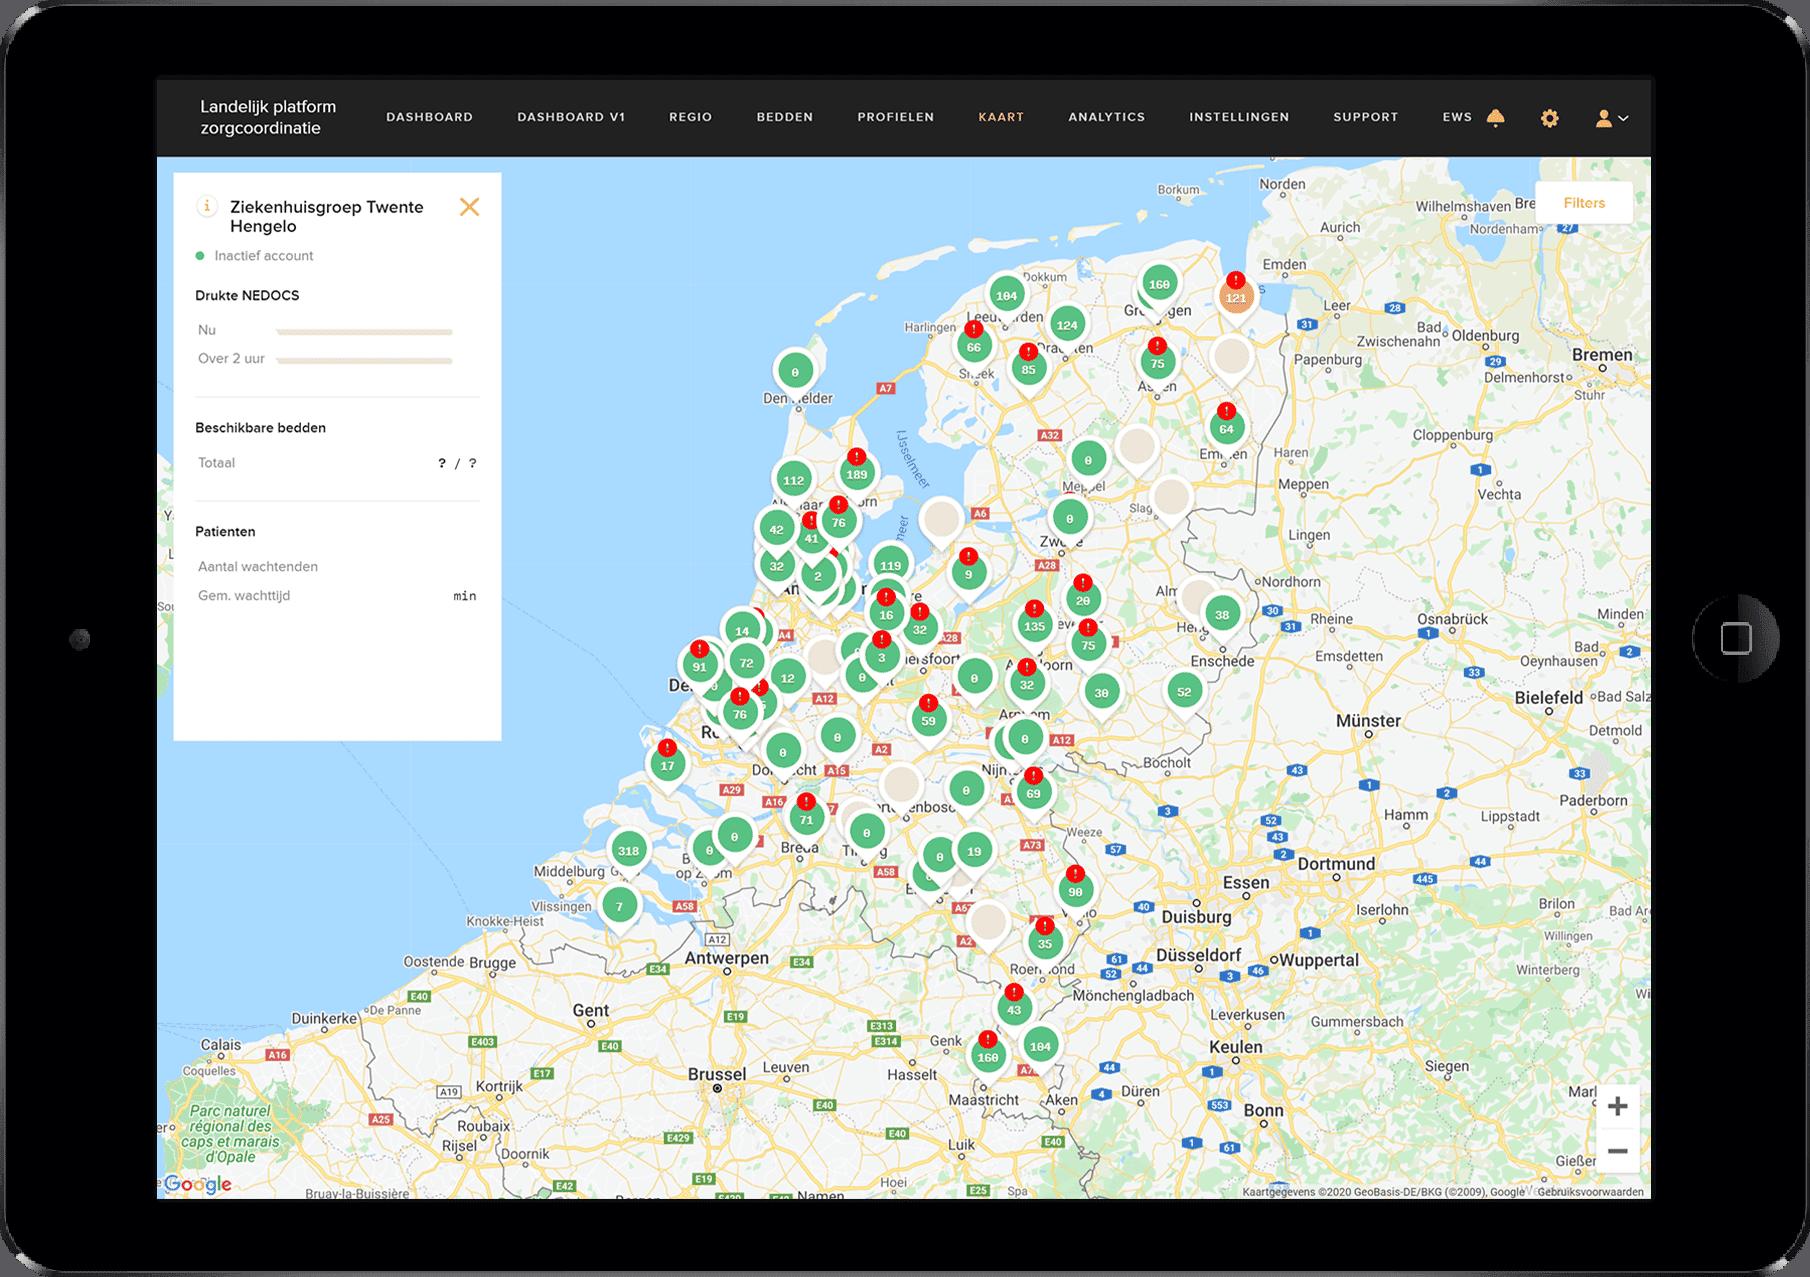 landelijk platform zorgcoordinatie locatie op de map